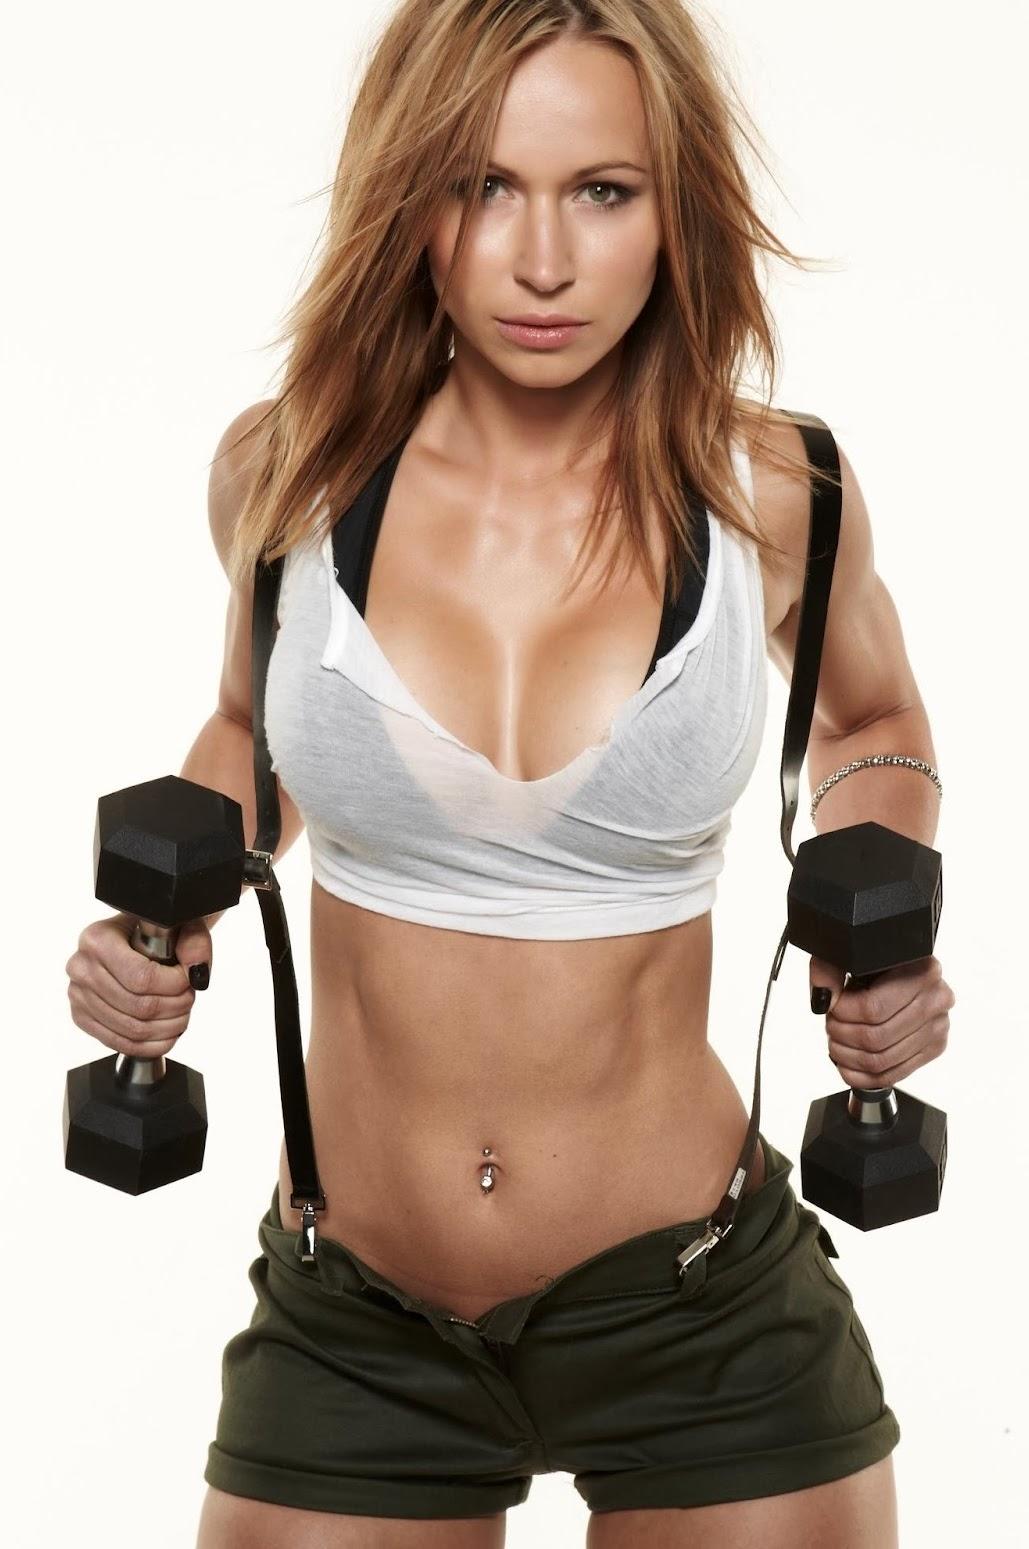 Фитнес - залог красоты и здоровья